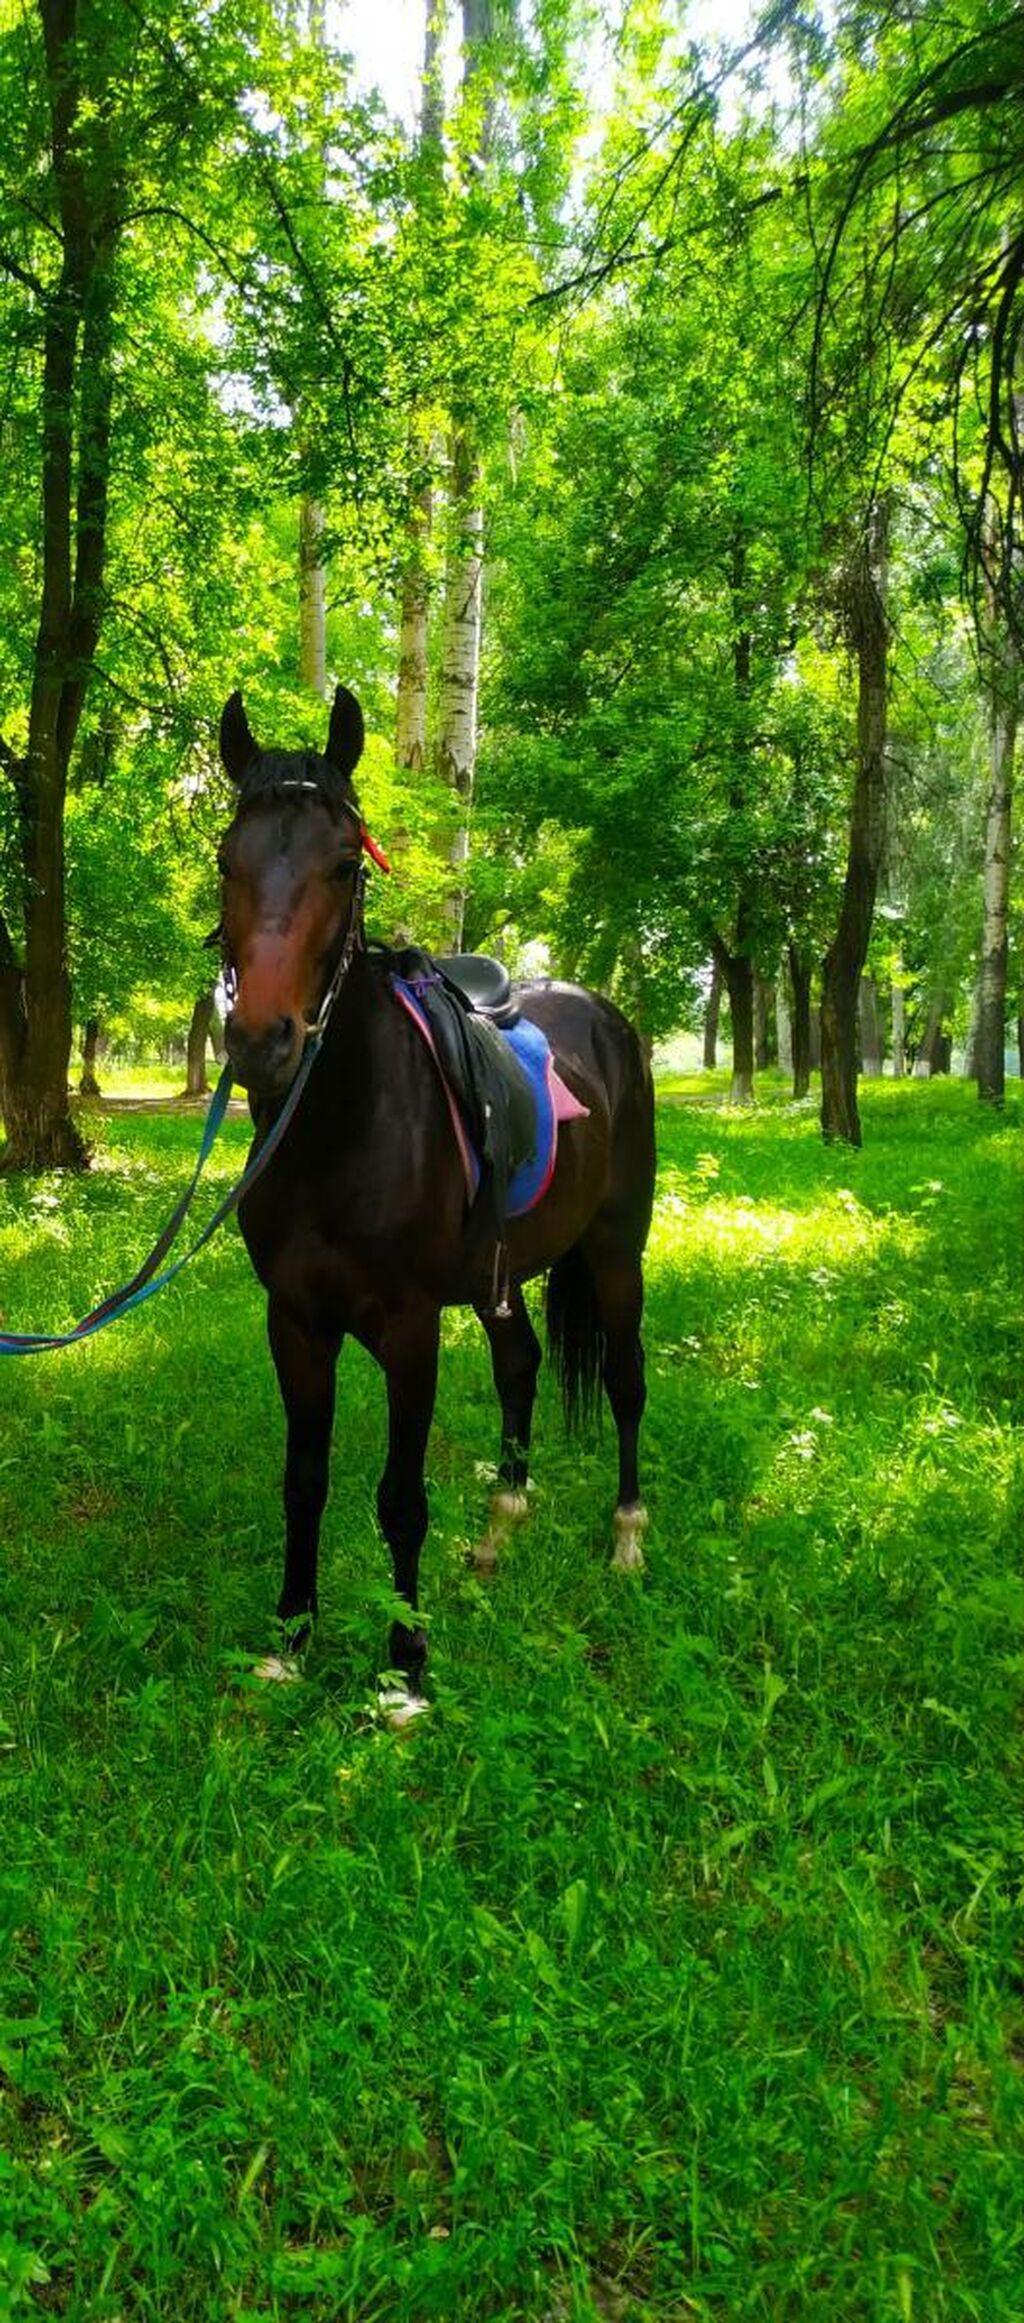 Продам лошадь чисто кровный  англо араб 3 года рост 158  Как отдать 140000 цена окончательно!